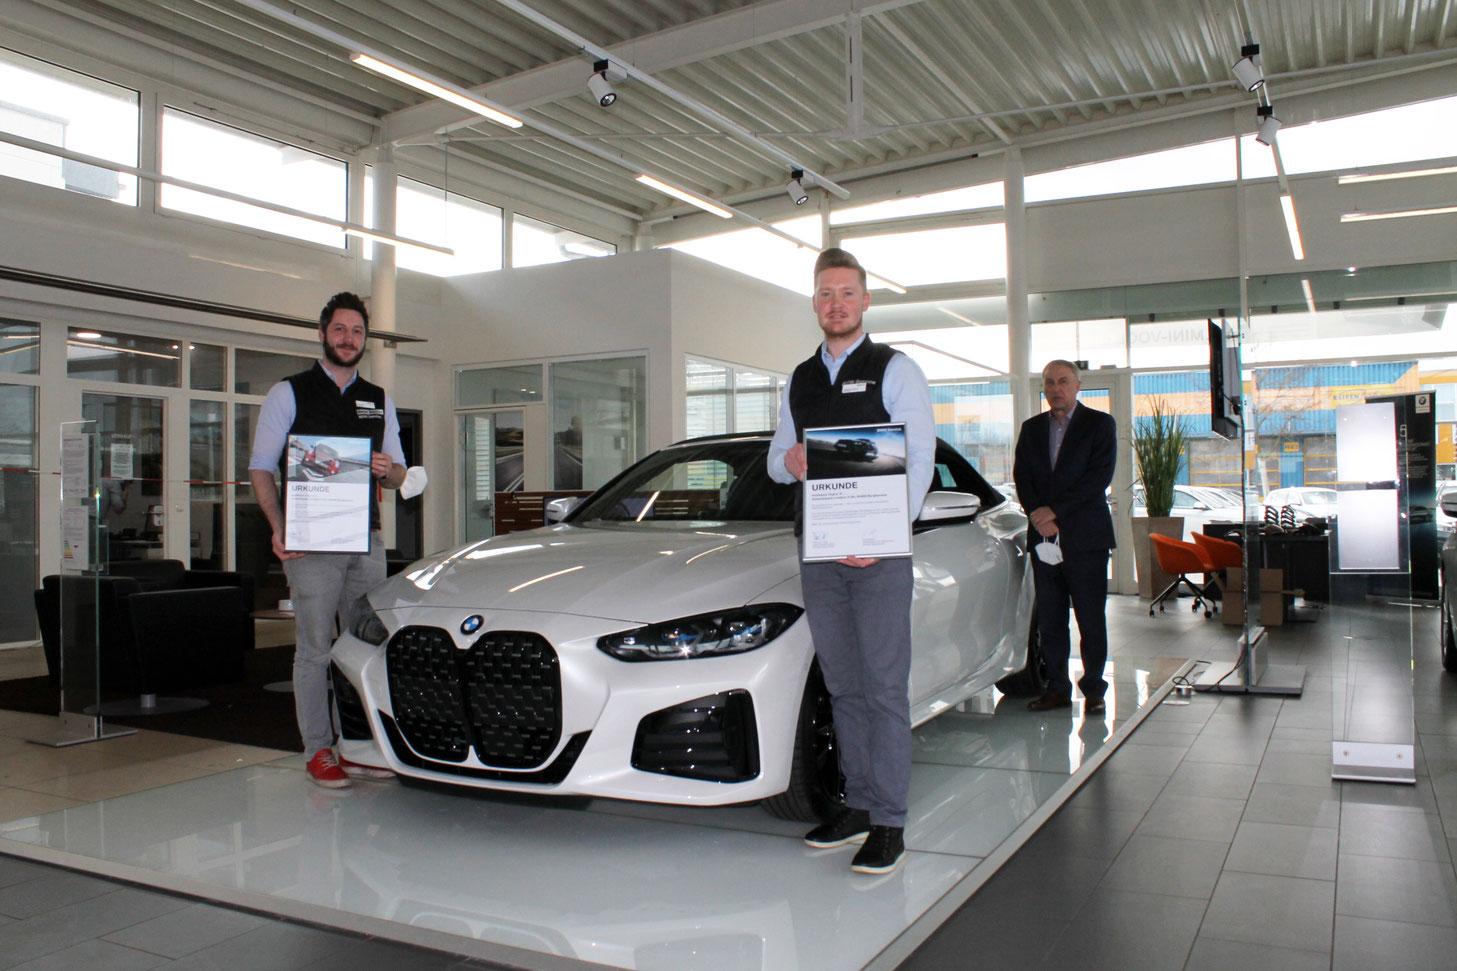 v.l.n.r. Fabian Hösch, Maximilian Huhnstock, Anton Herner (BMW AG)